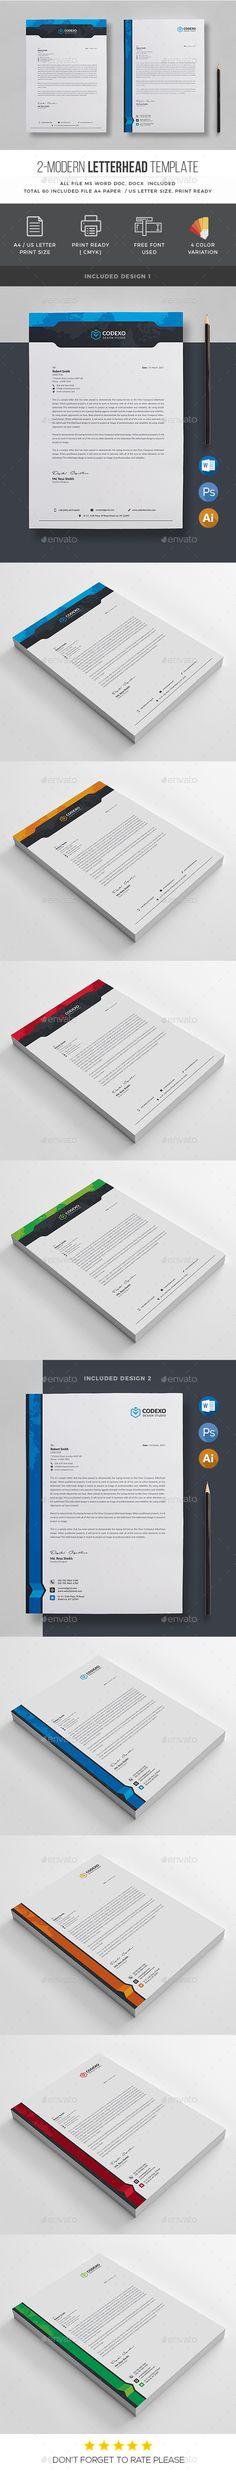 letter format on letterhead%0A Letterhead  Letterhead TemplateLetterhead DesignLetter